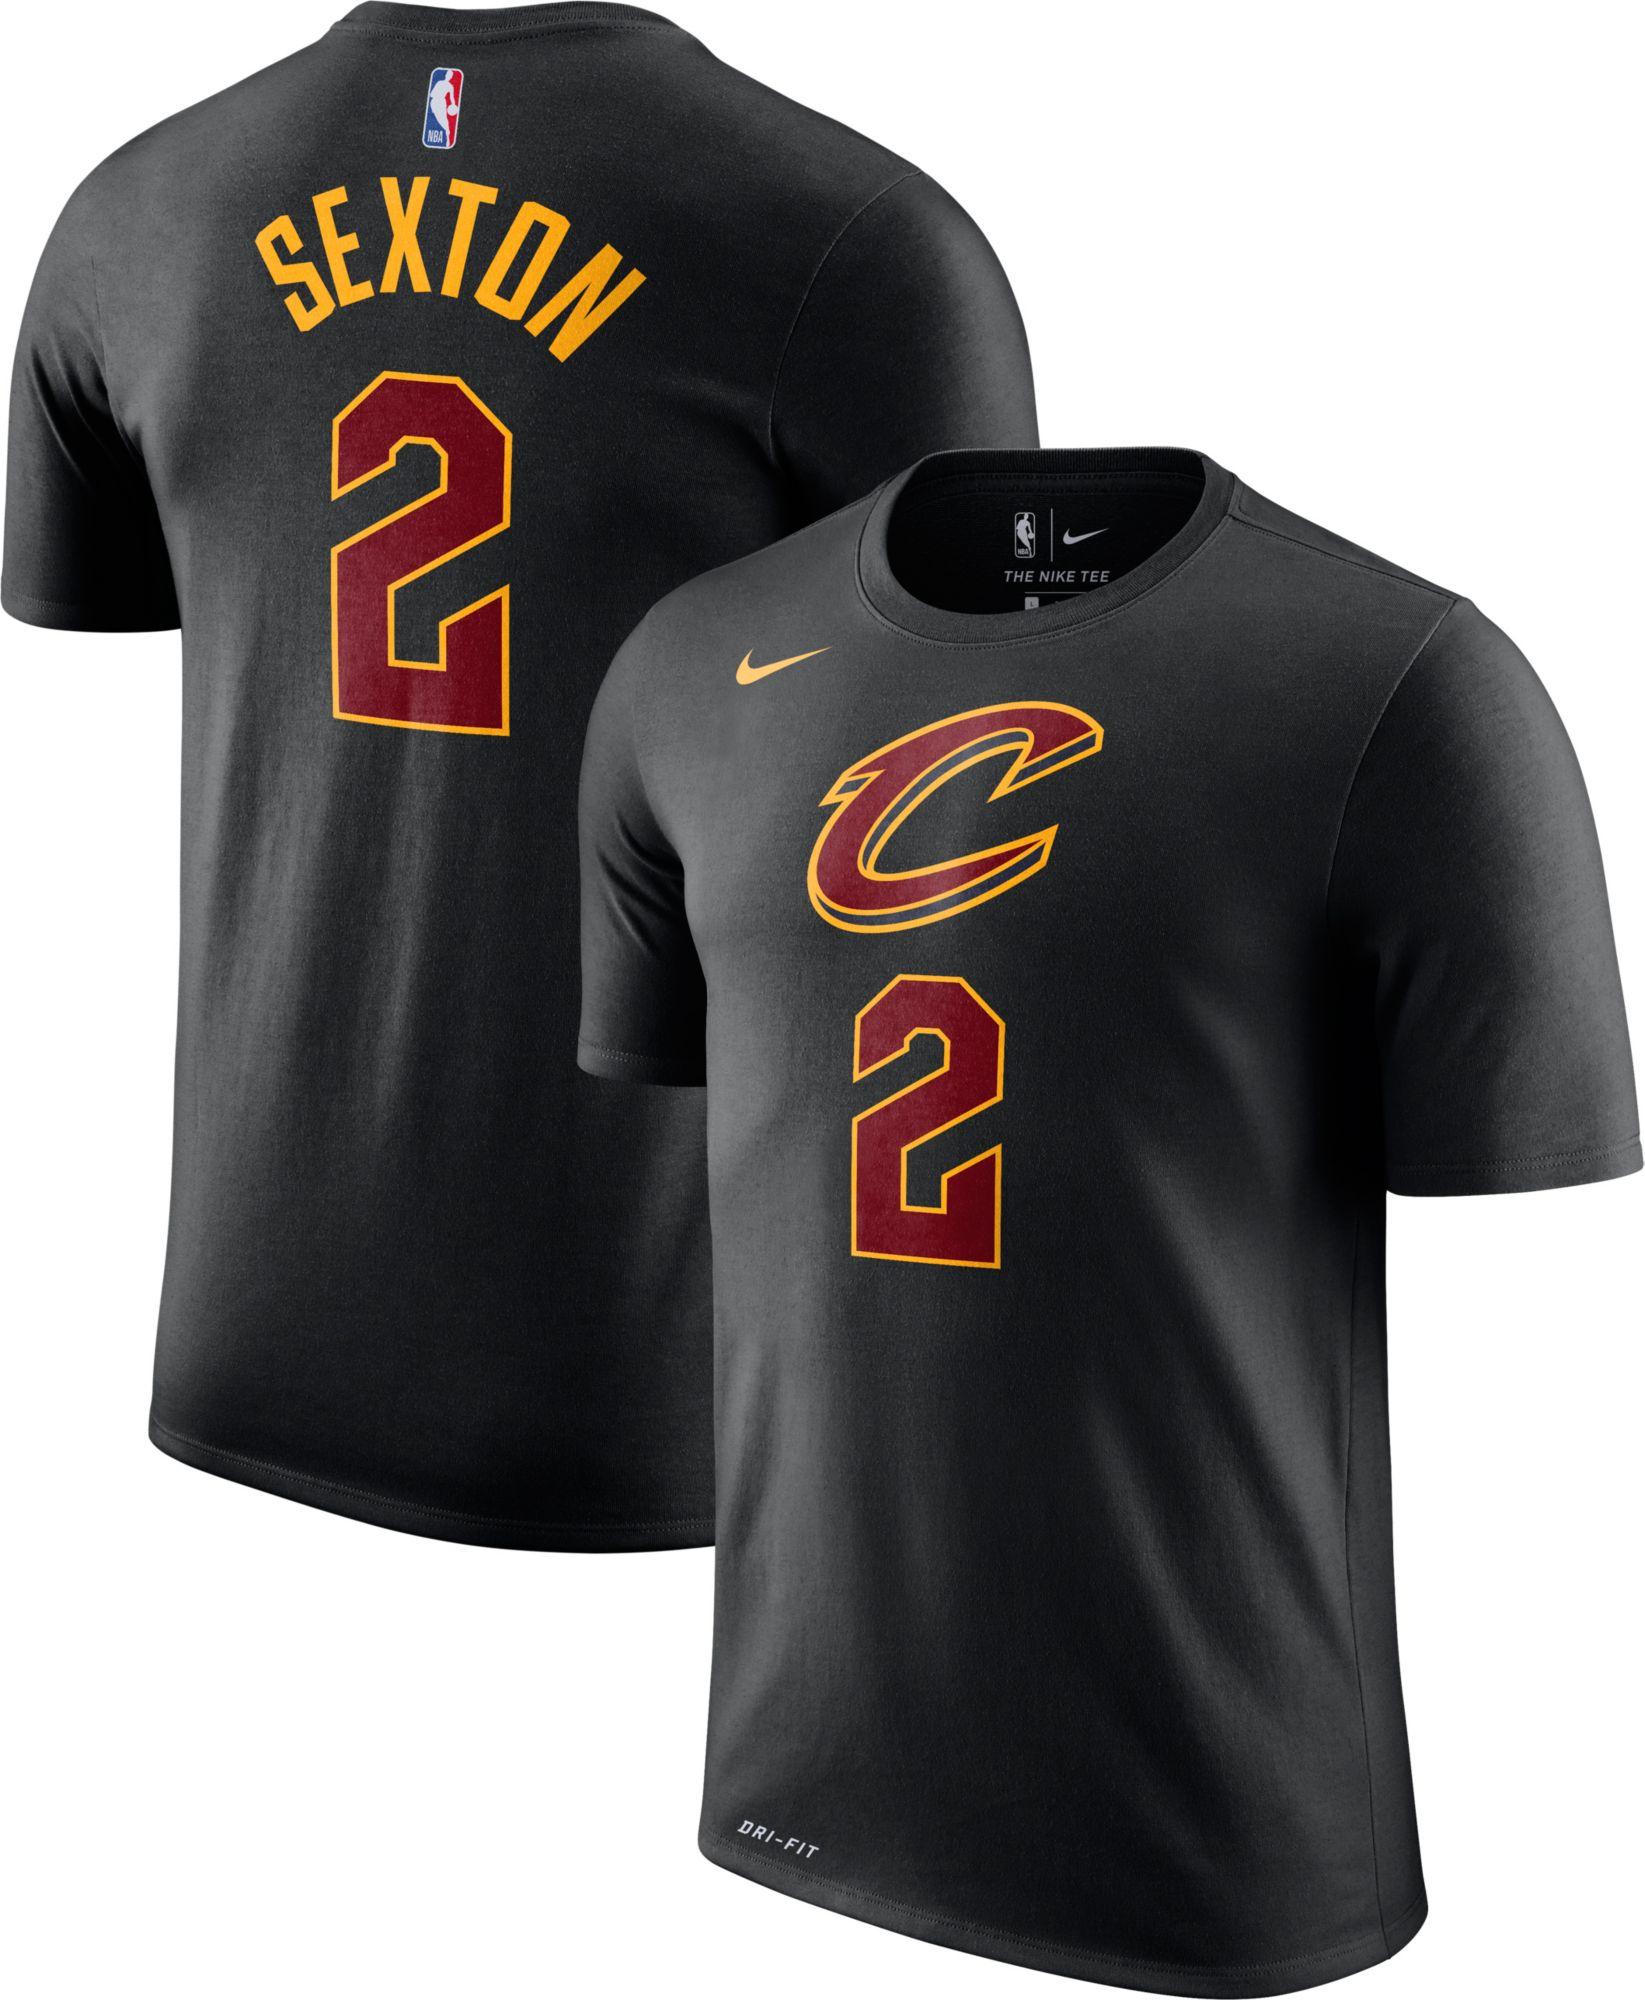 f81d726d3 Nike Men s Cleveland Cavaliers Collin Sexton  2 Dri-FIT Black T ...